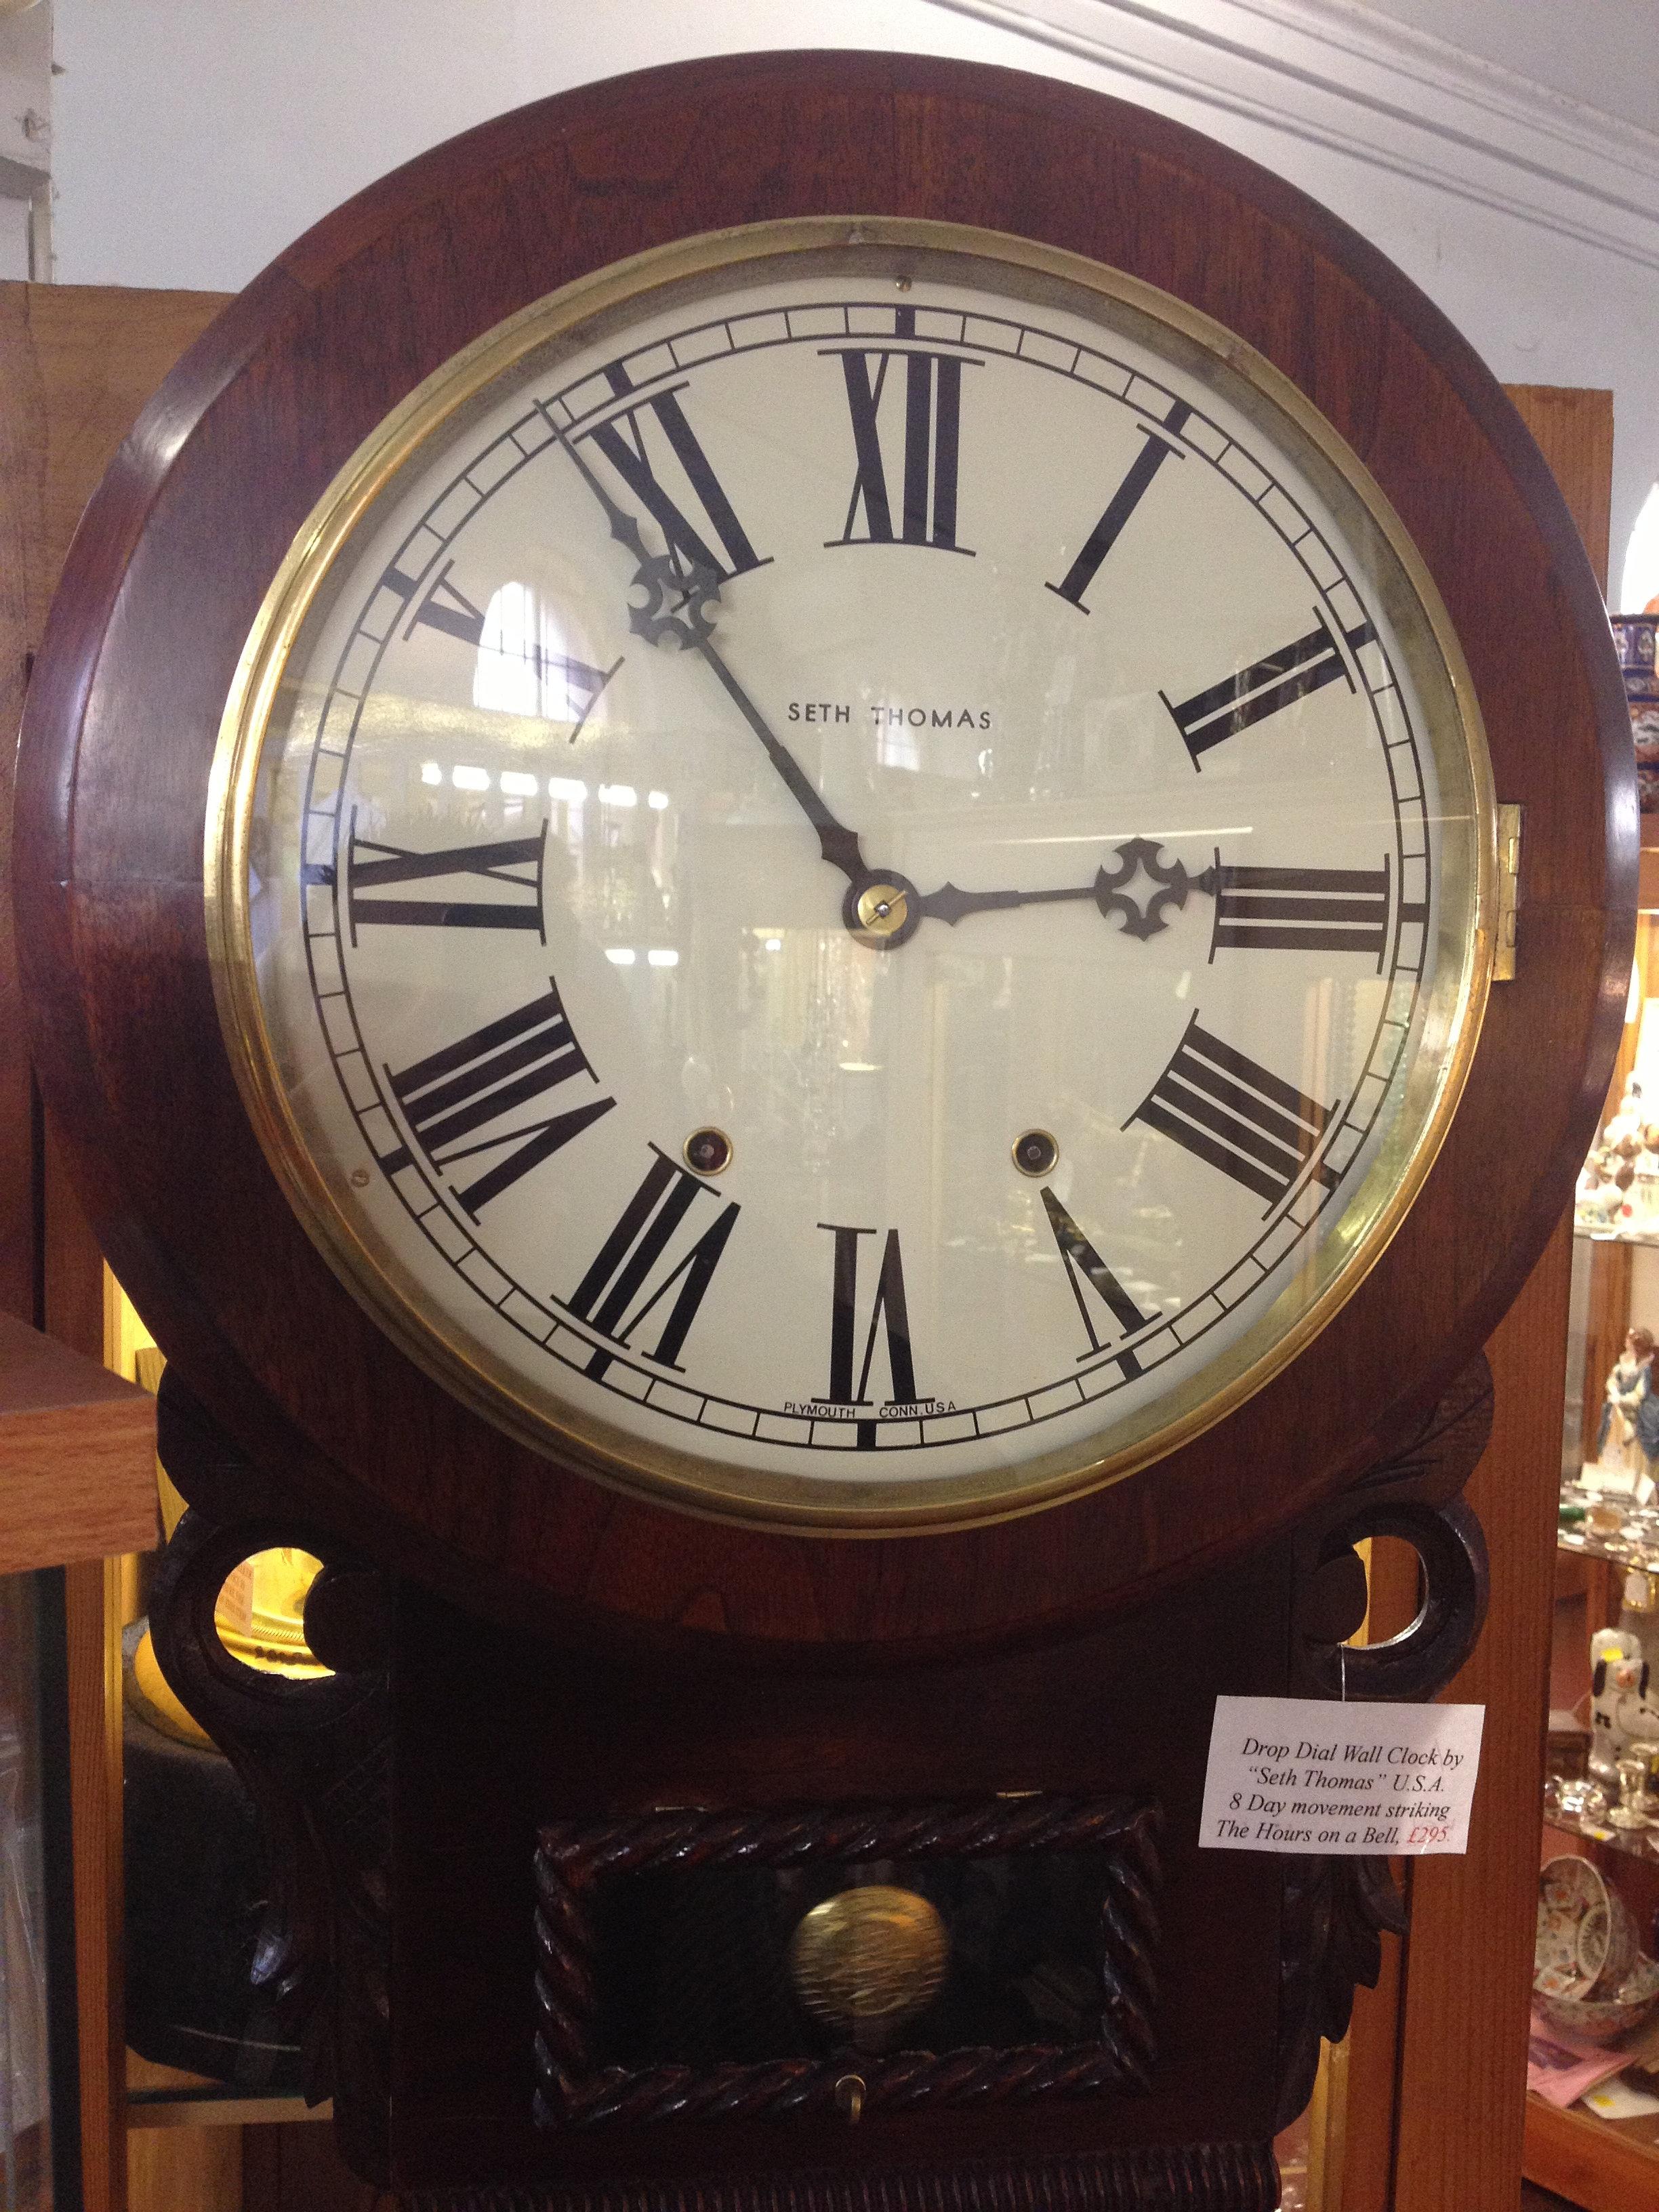 newark antiques centre drop dial wall clock. Black Bedroom Furniture Sets. Home Design Ideas